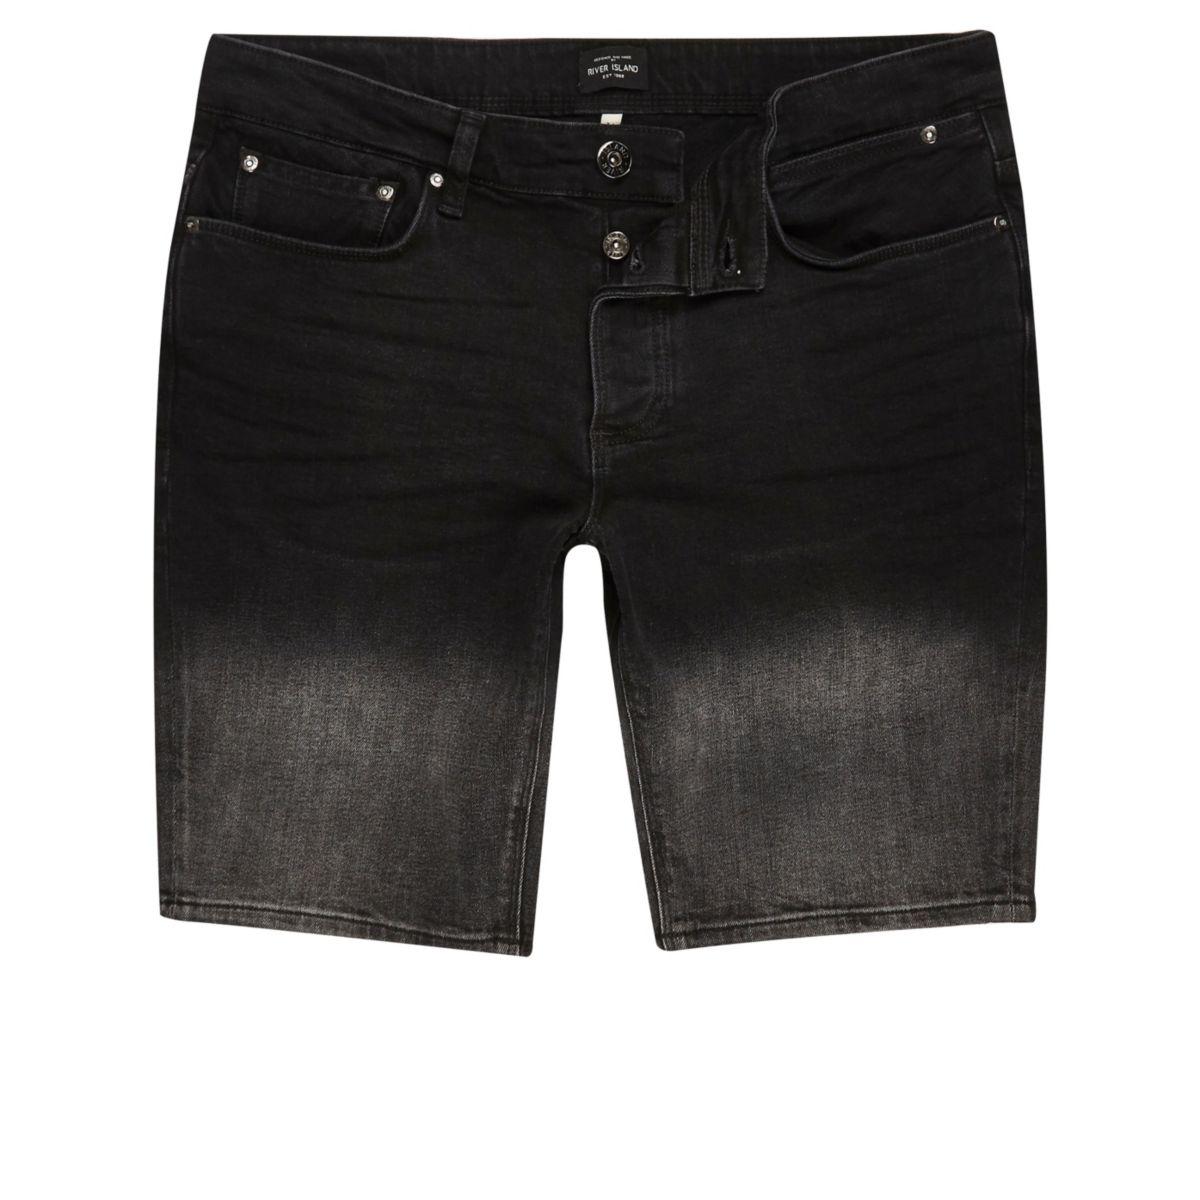 Schwarzes, verwaschenes Jeanshemd